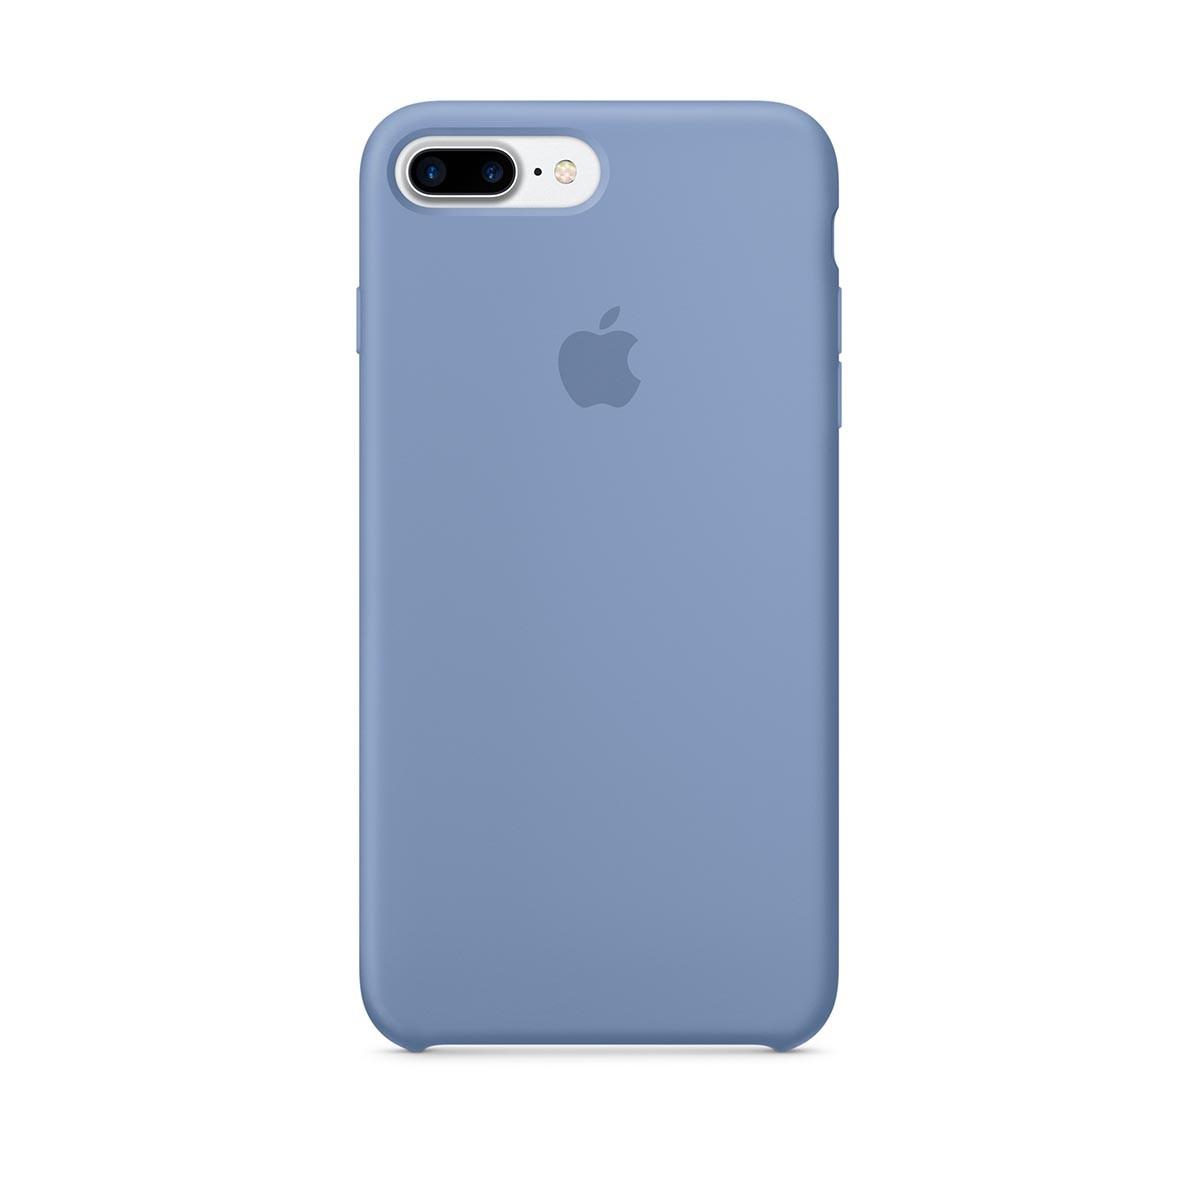 Silikonový kryt na iPhone 7 Plus – blankytný